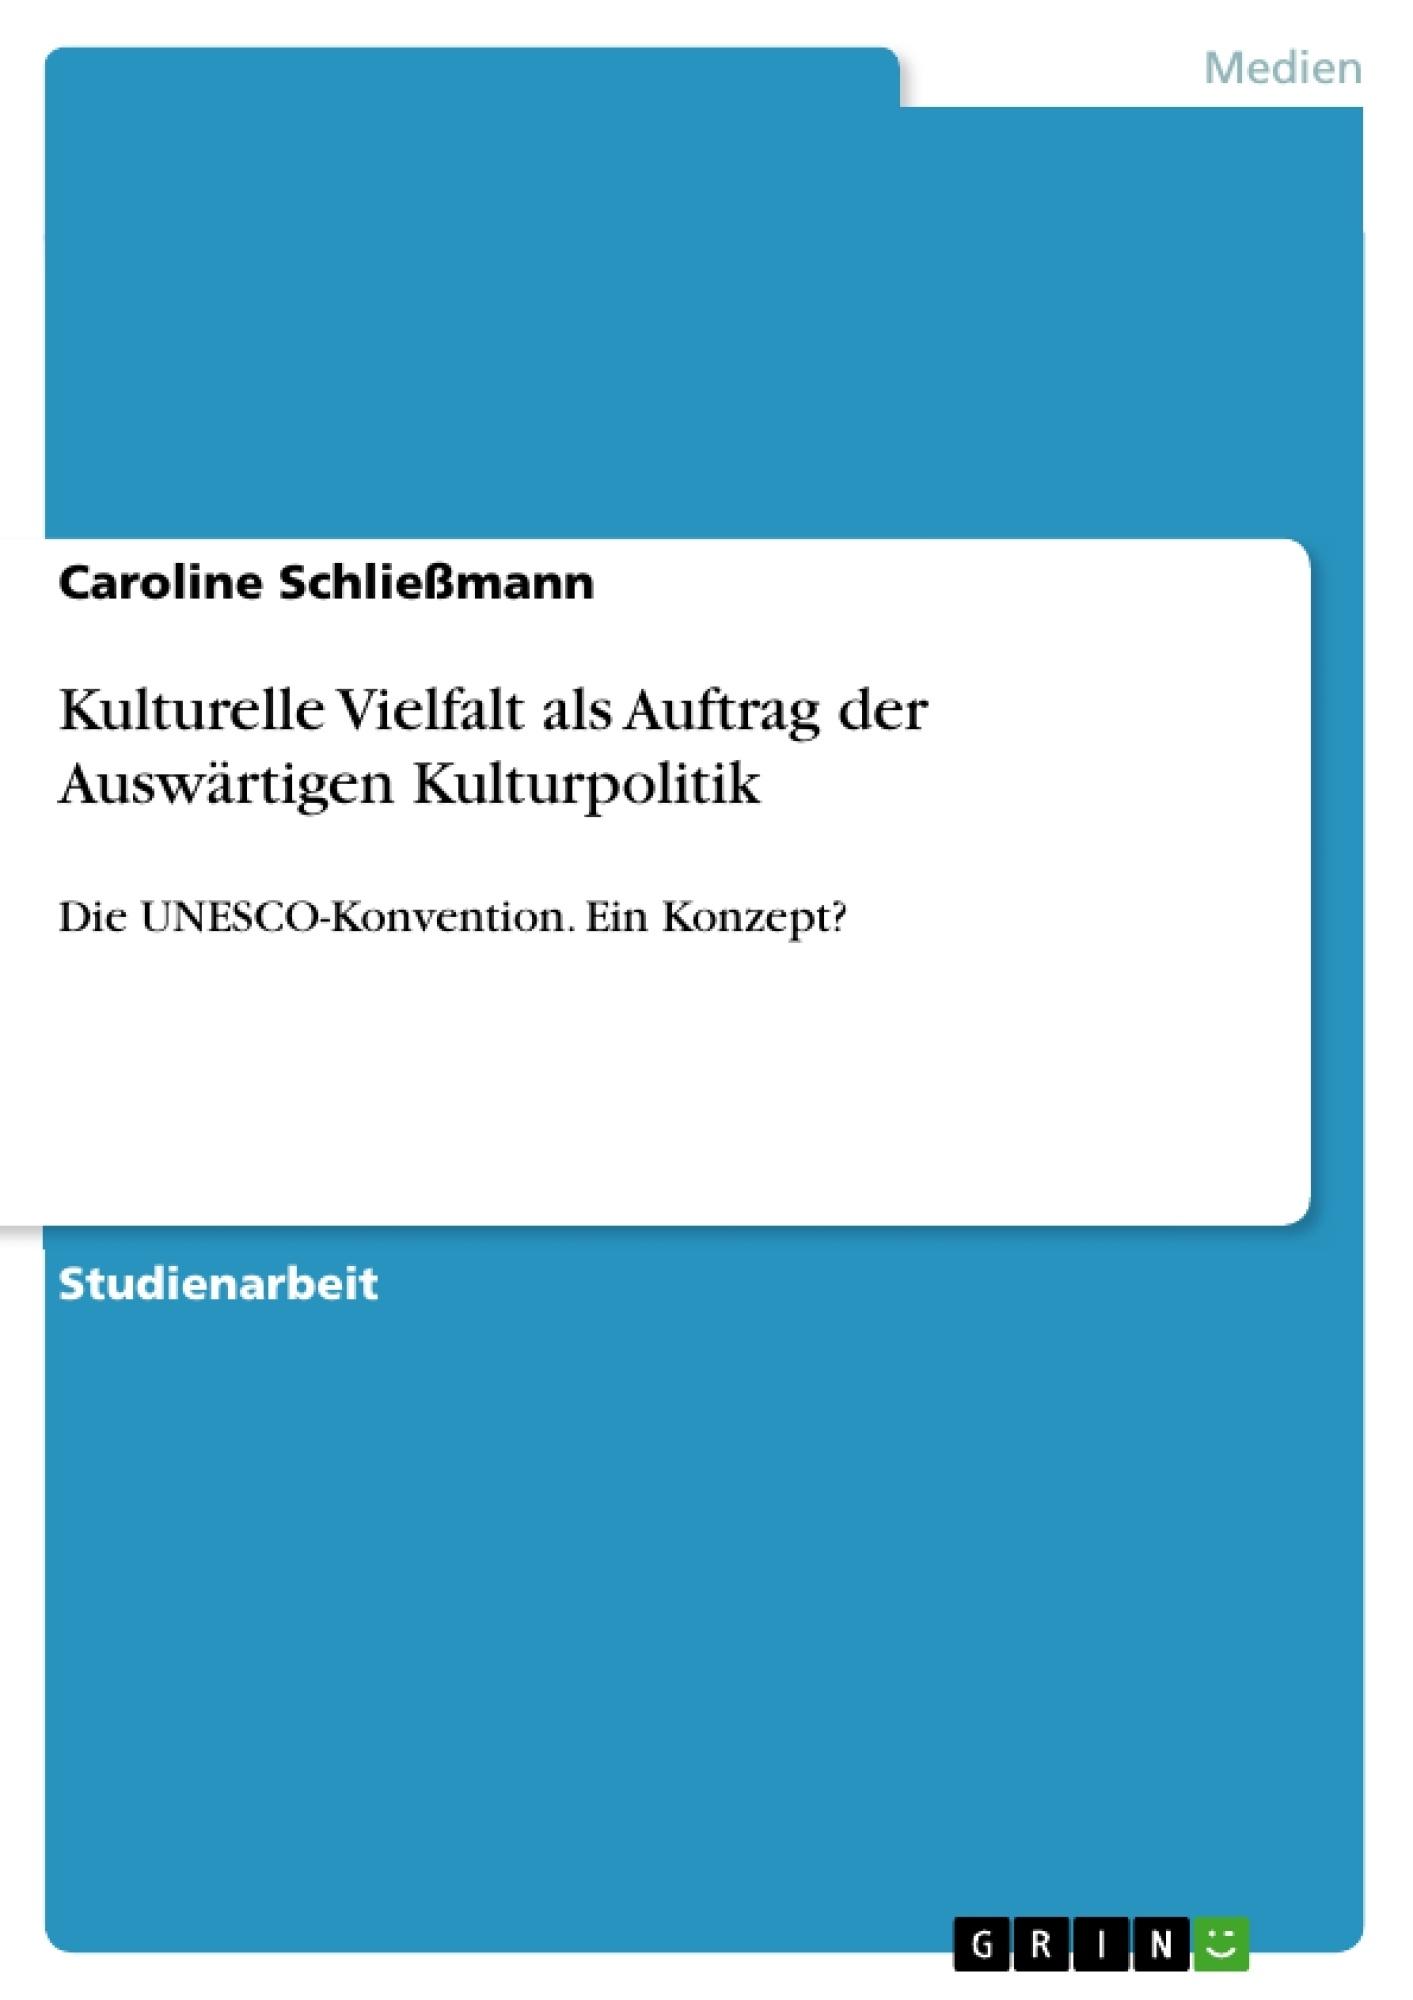 Titel: Kulturelle Vielfalt als Auftrag der Auswärtigen Kulturpolitik